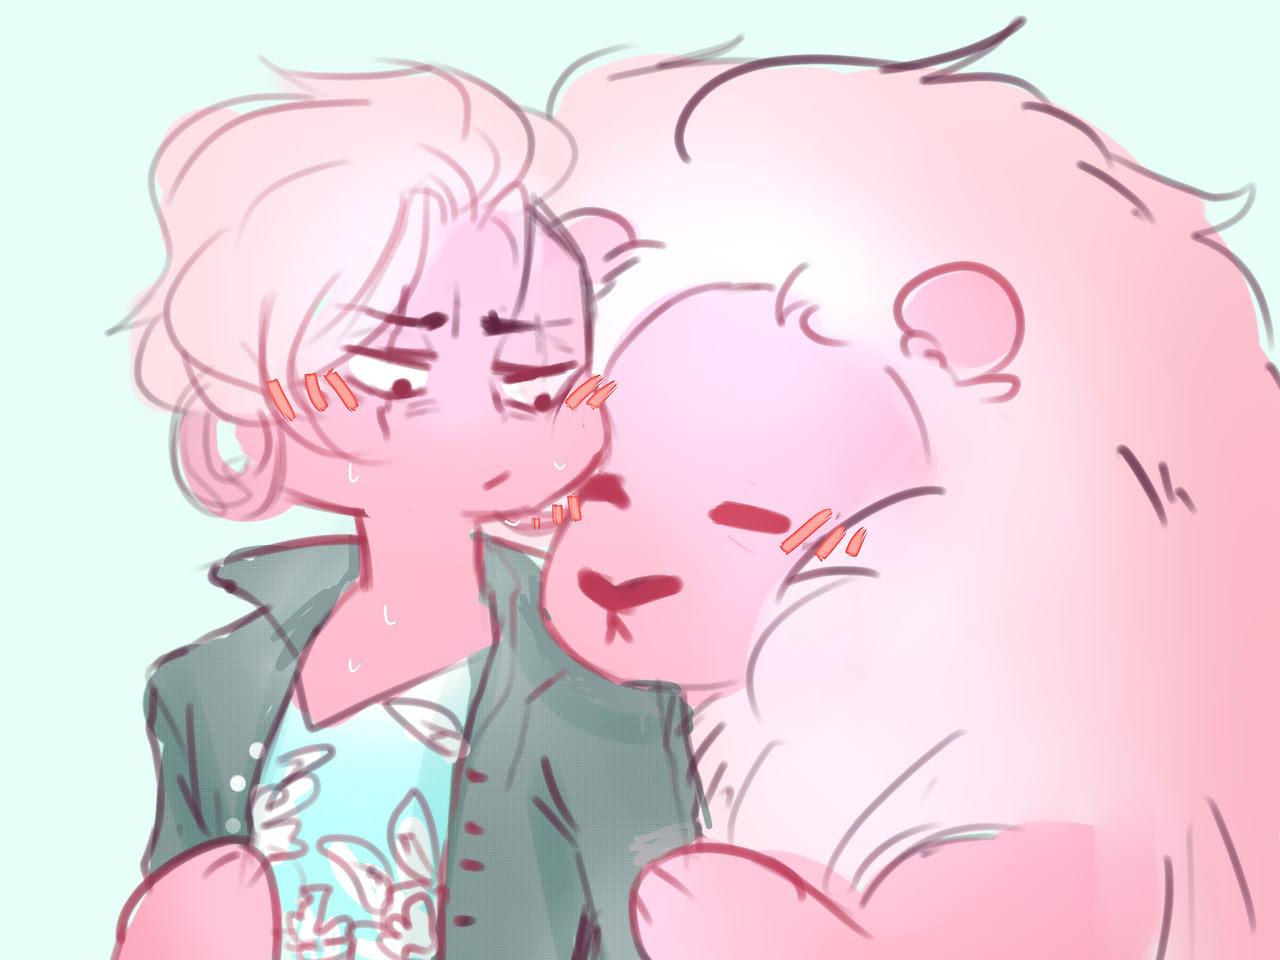 Dead pink boiz